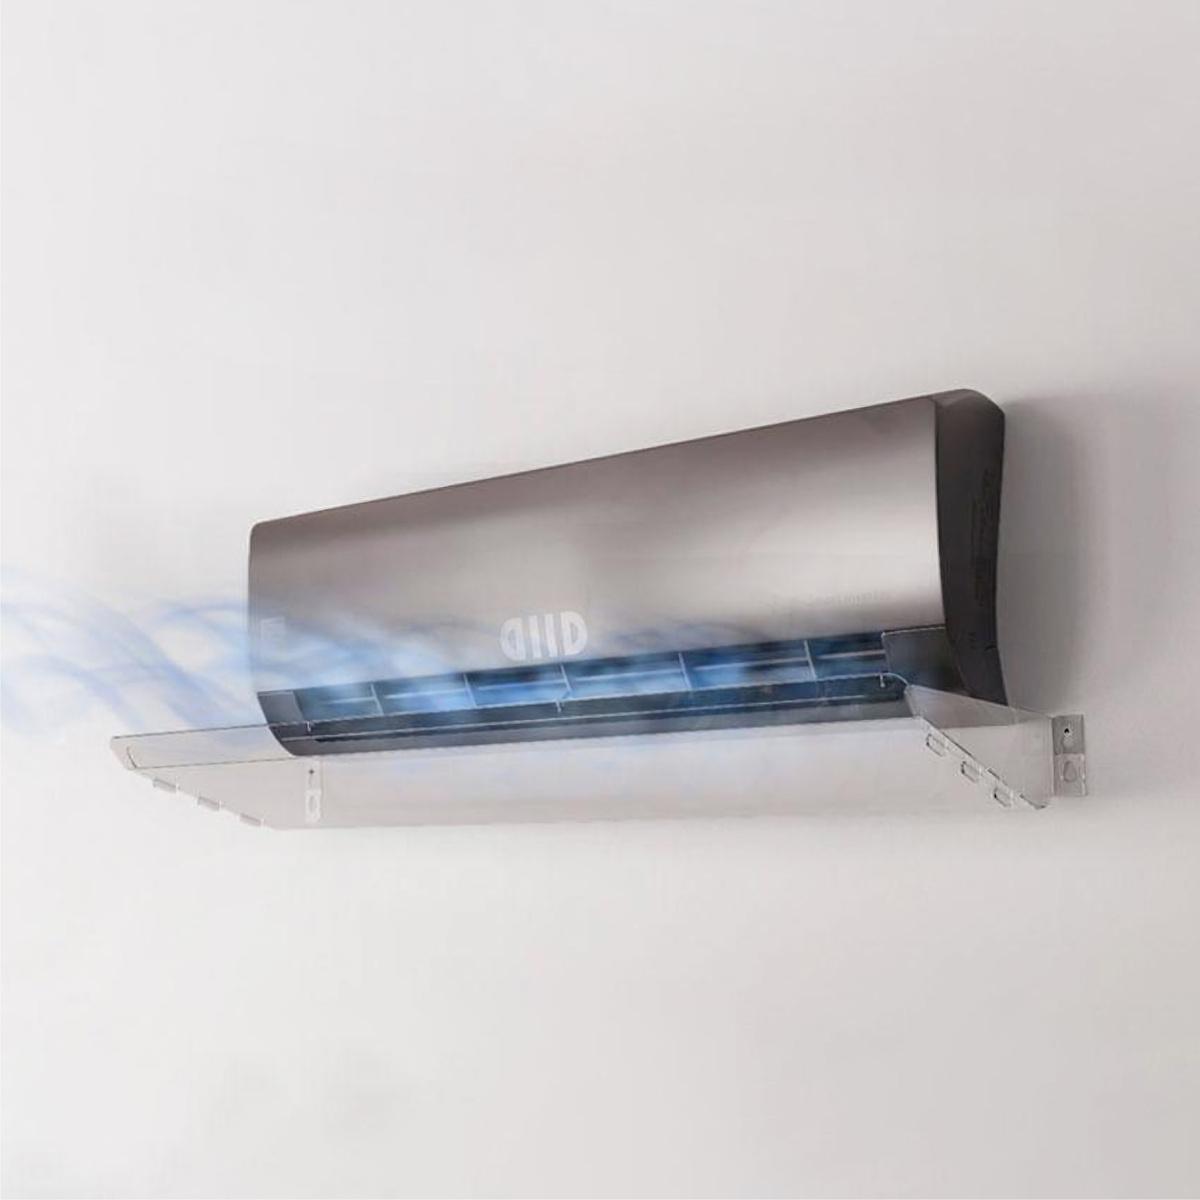 Защитный экран для настенного кондиционера DIID Сплит 1000 мм  #1